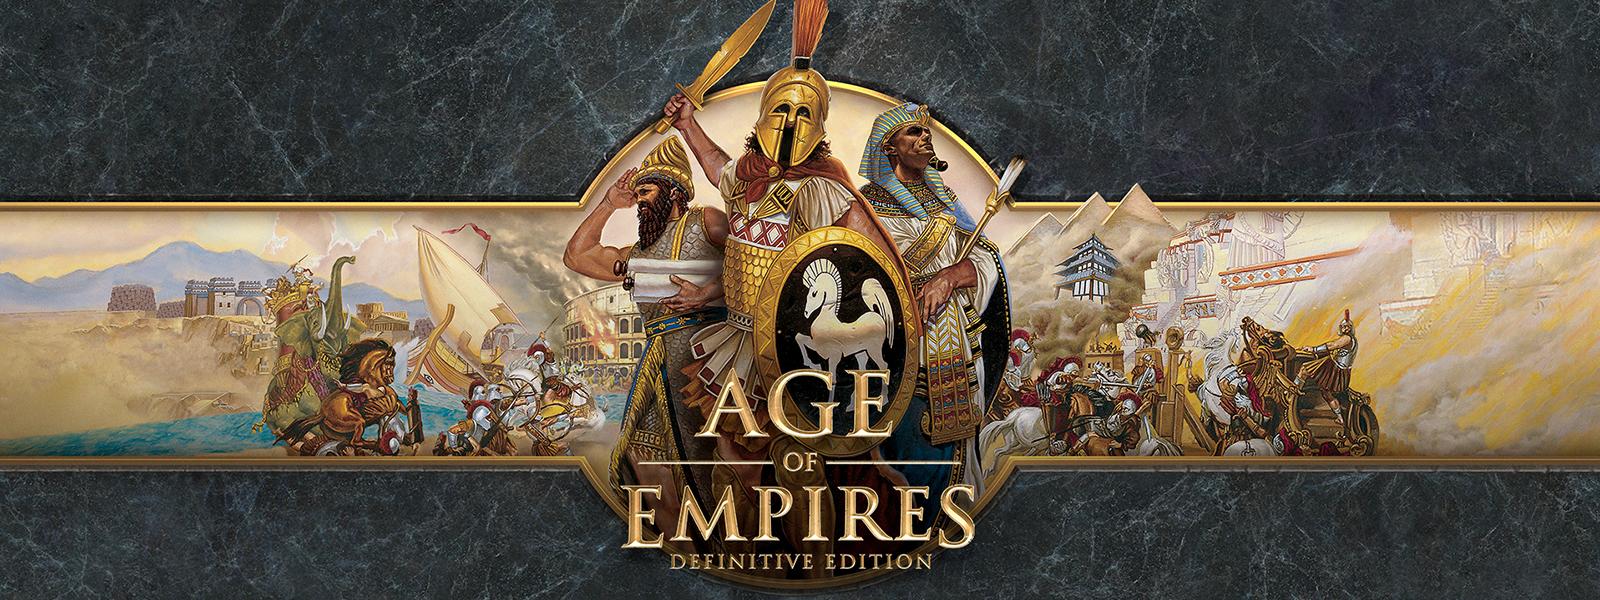 Age of Empires édition définitive